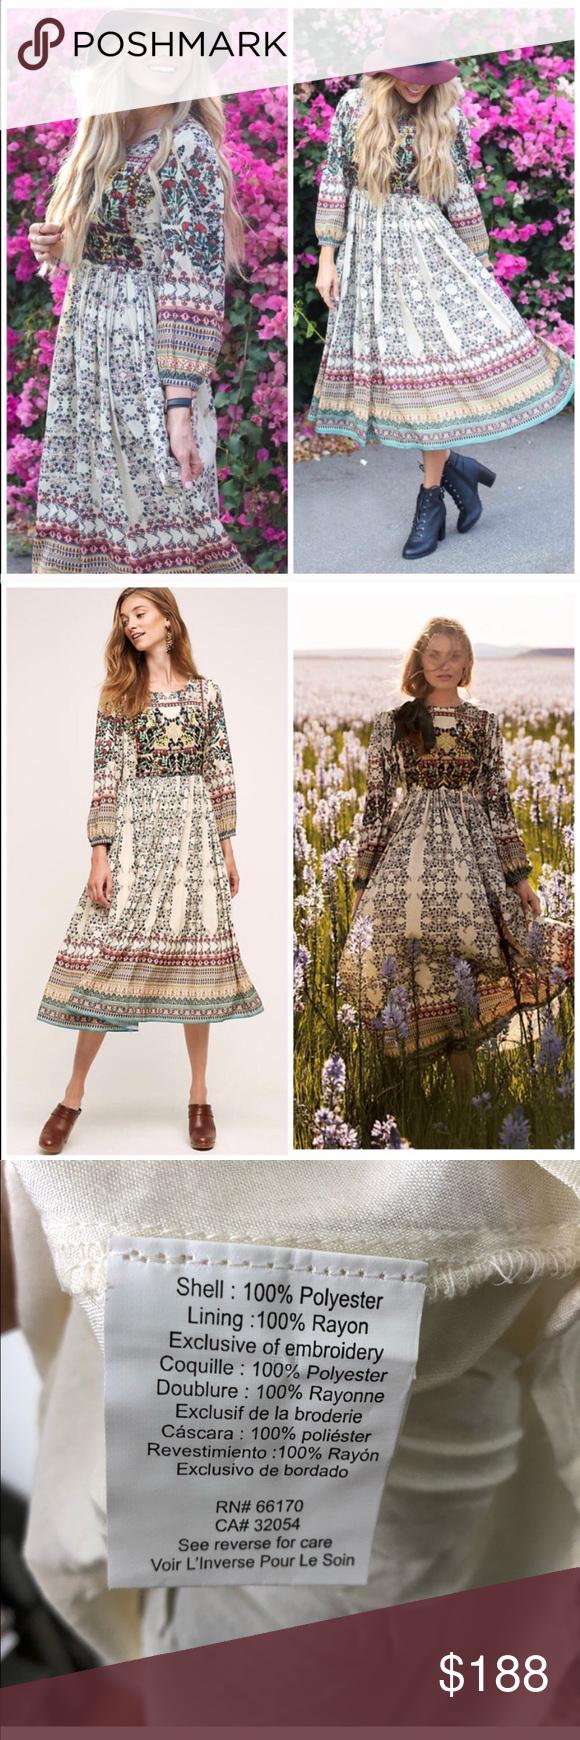 9258cab265194 NWOT Anthropologie Bhanuni Far Fields Maxi Dress Bhanuni Far Fields Maxi  Dress Long Sleeve A beautifully